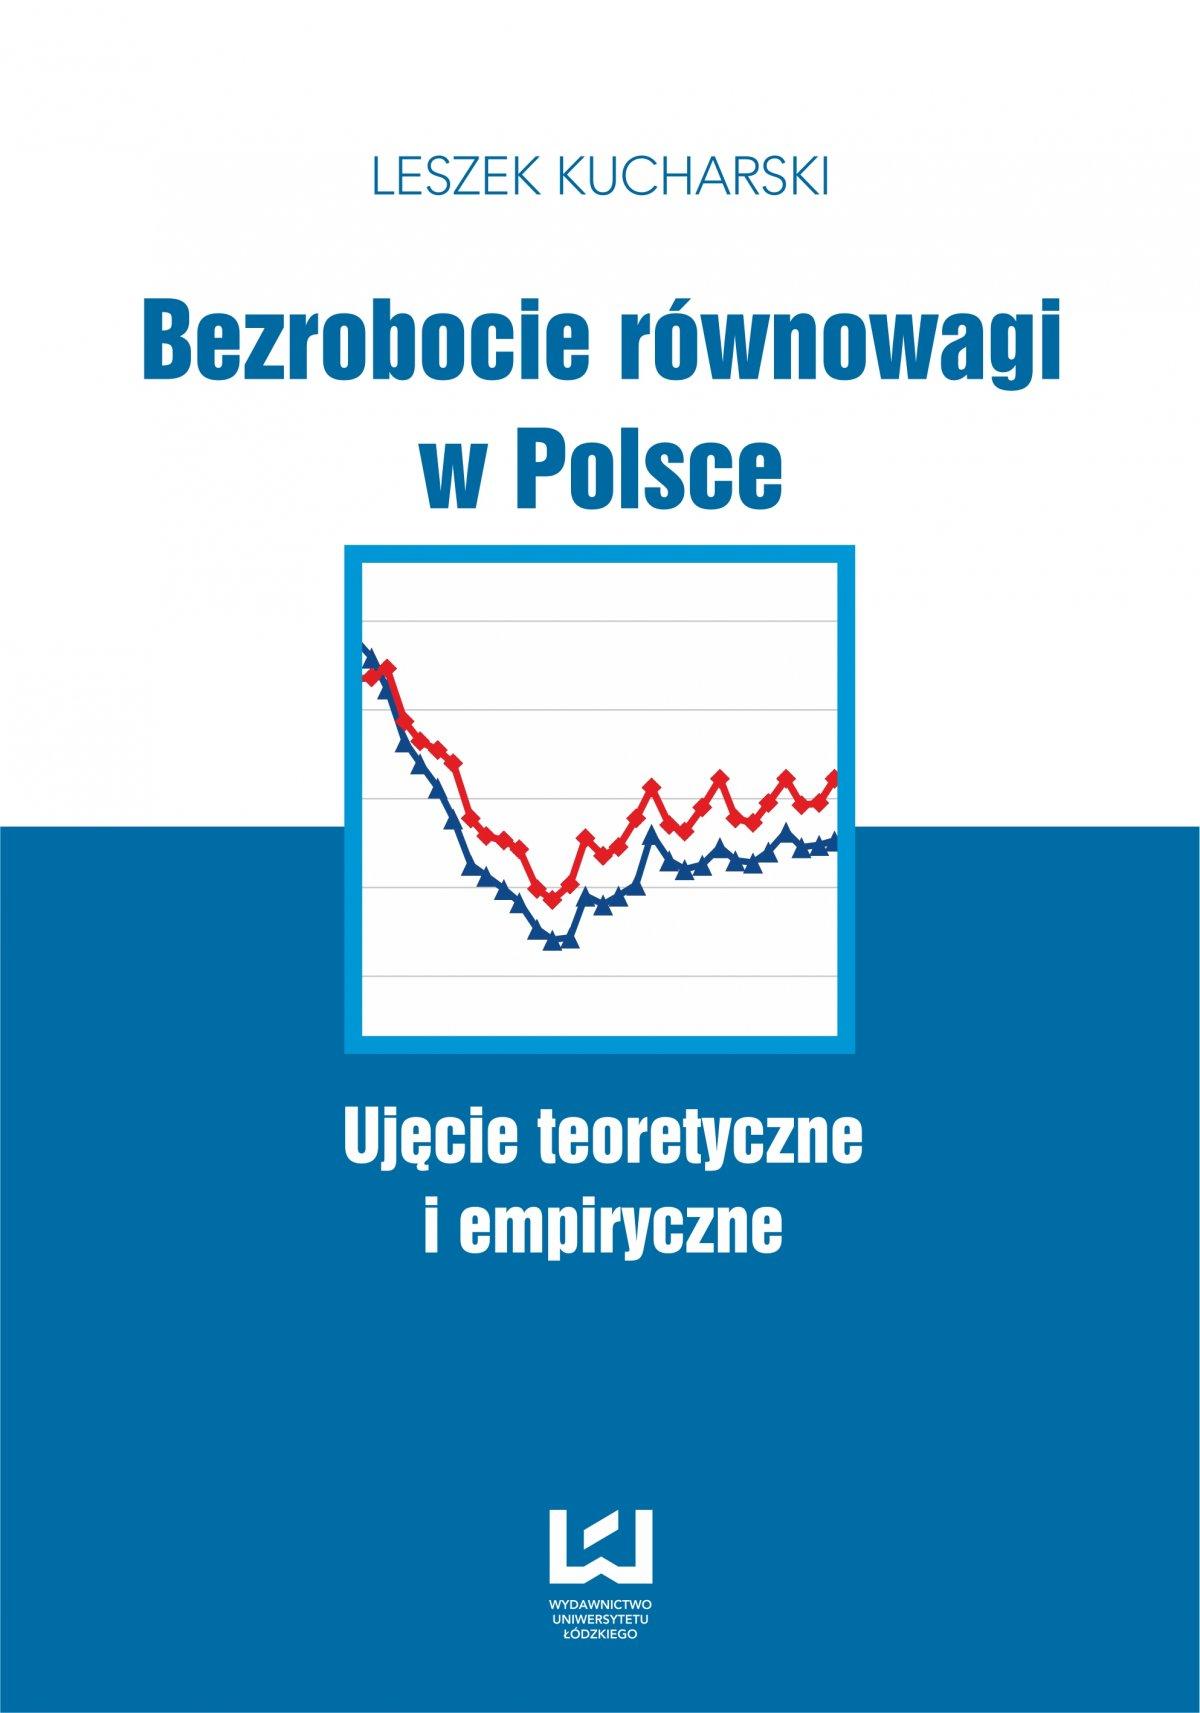 Bezrobocie równowagi w Polsce. Ujęcie teoretyczne i empiryczne - Ebook (Książka PDF) do pobrania w formacie PDF